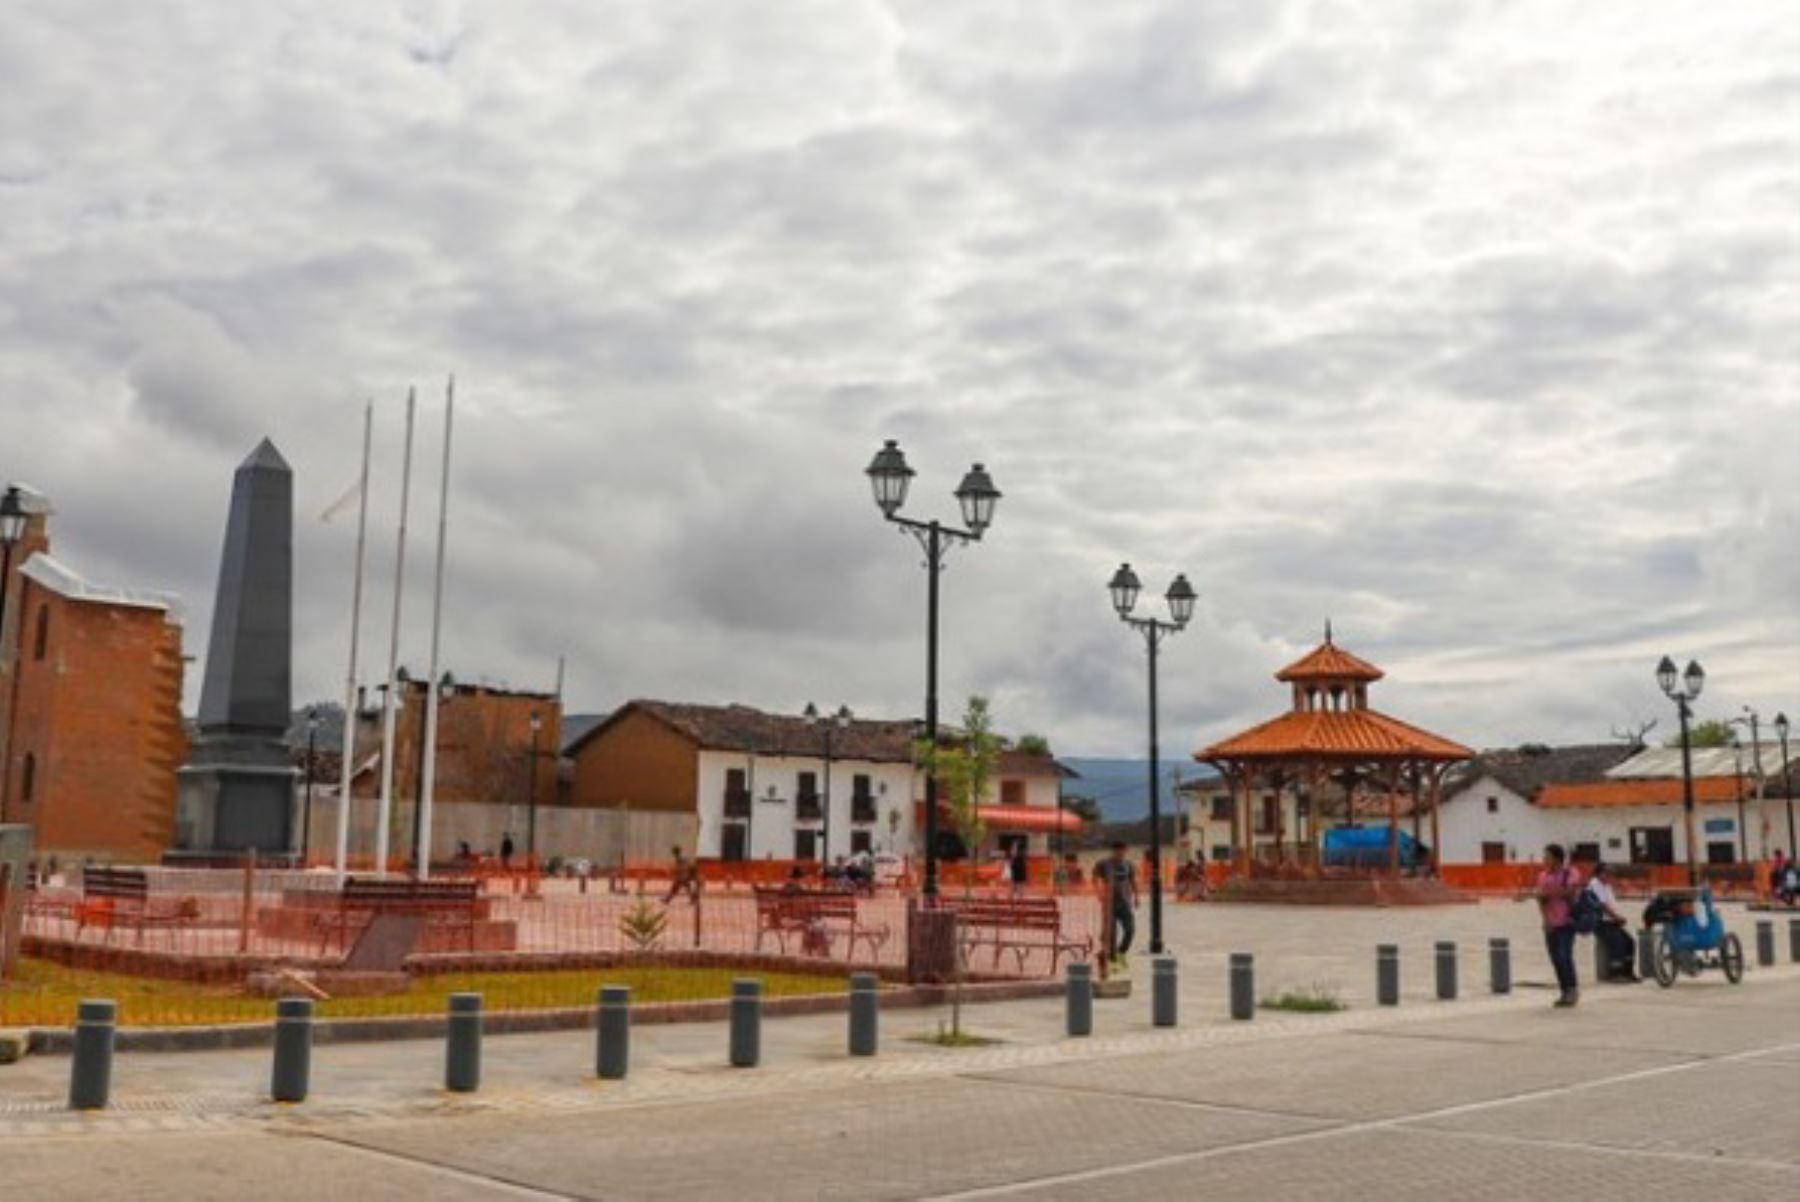 Plaza de Armas de la ciudad de Chachapoyas, capital del departamento de Amazonas y que forma parte de su centro histórico declarado en 1988 como Patrimonio Cultural de la Nación.